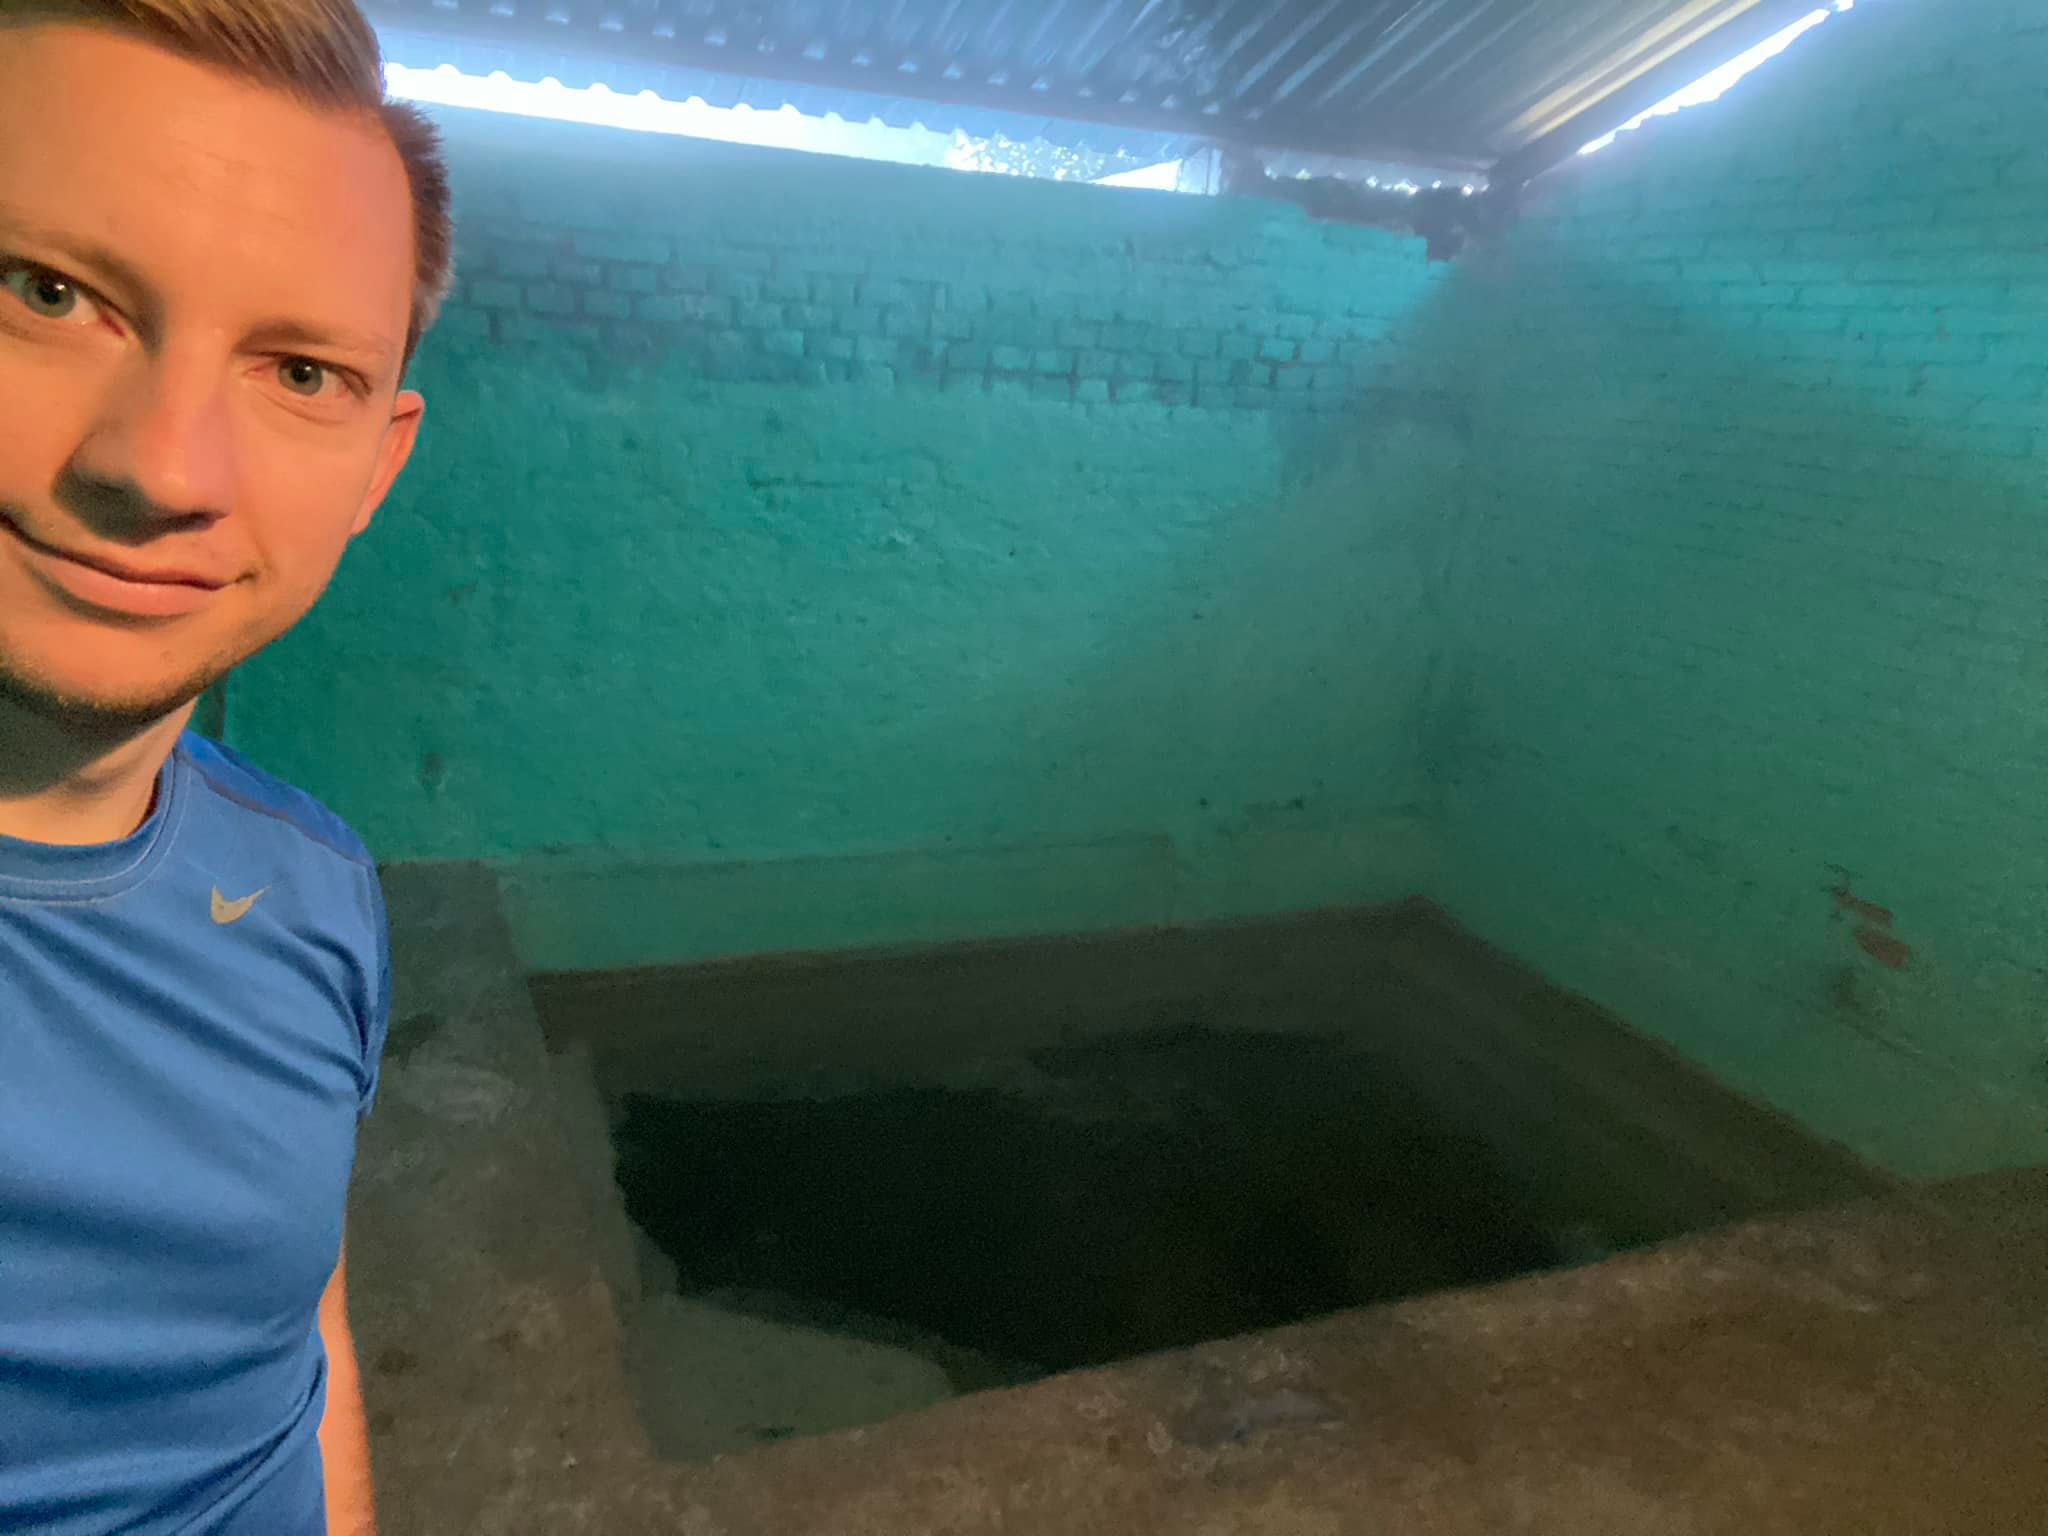 Public Bath Room In Mexico